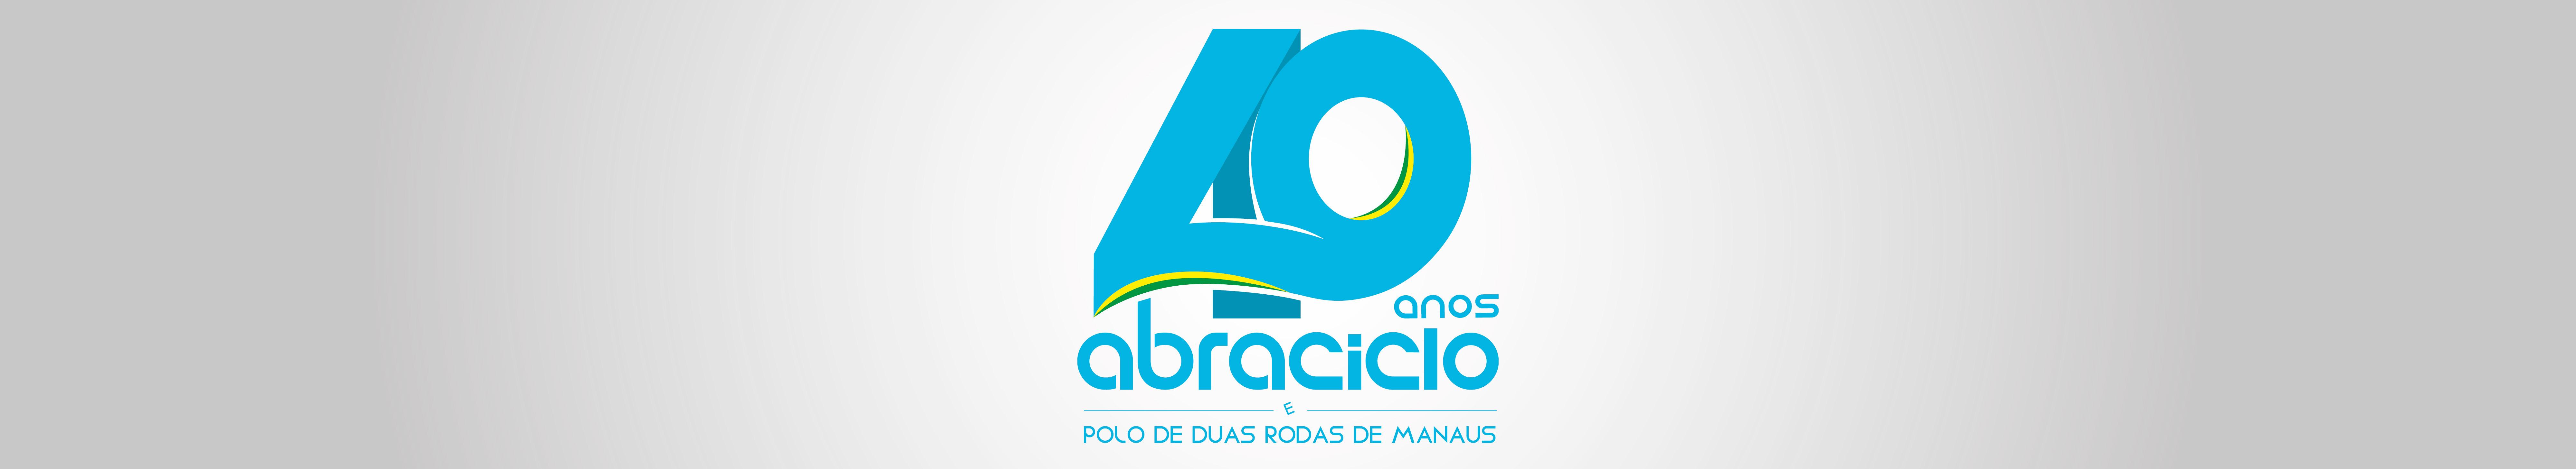 banner40anos